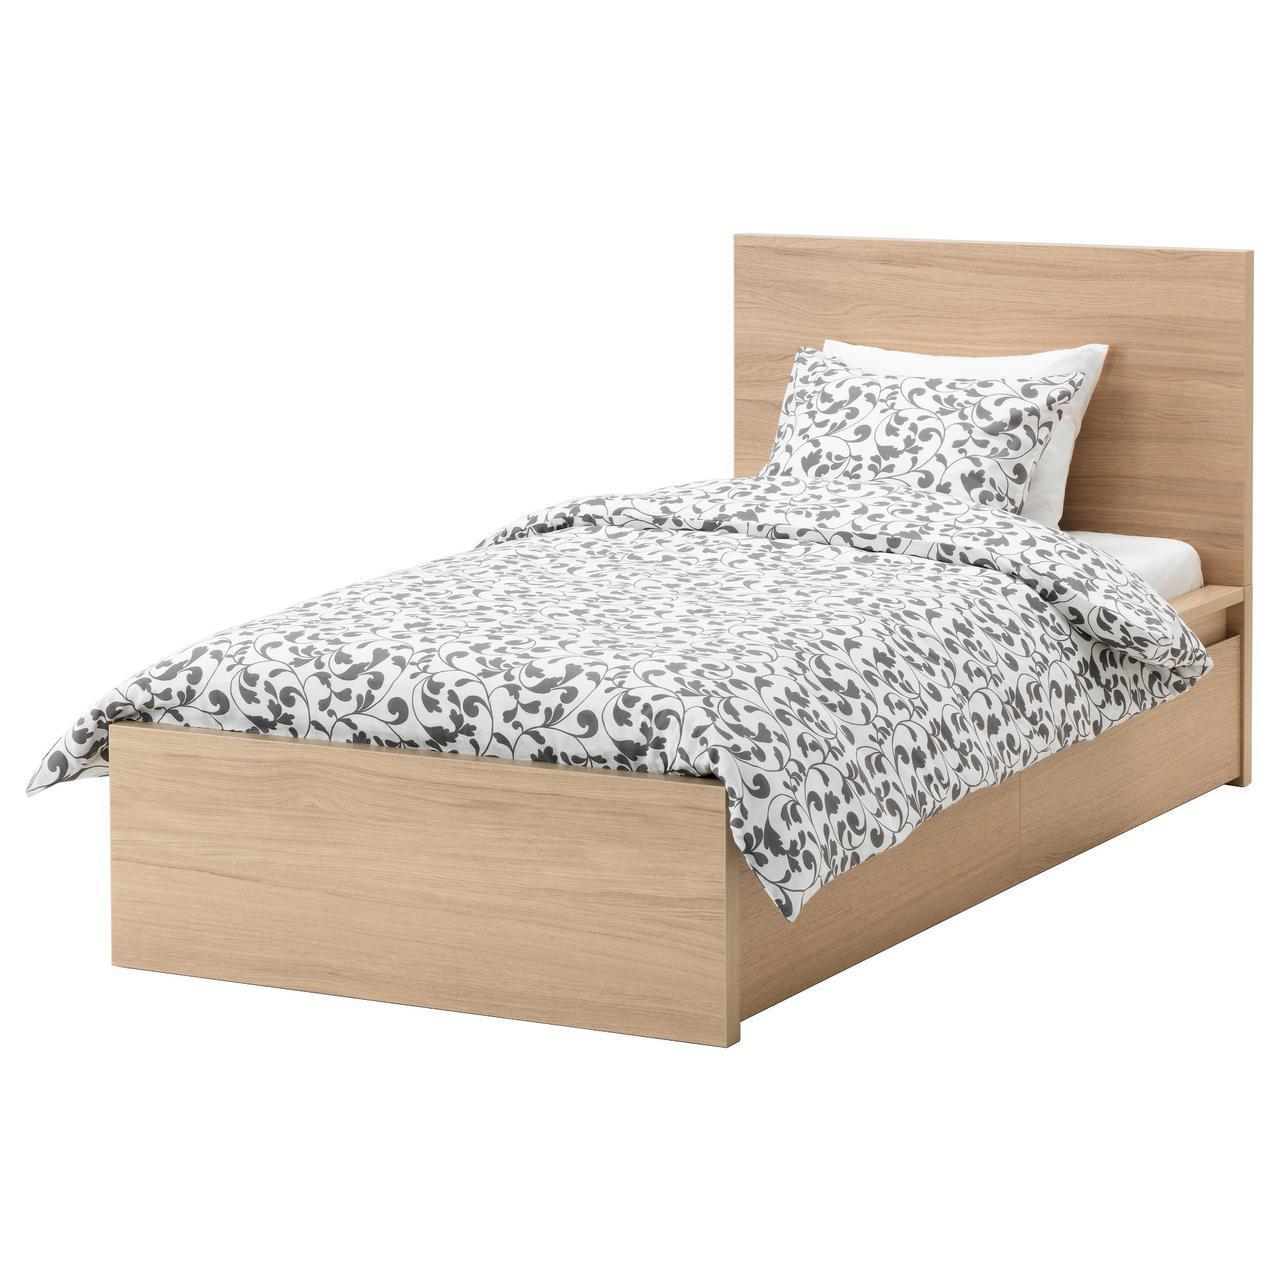 IKEA MALM (591.398.25)MALM КАРКАС кровати с 2 контейнерами, дубовый шпон, 120x200 см